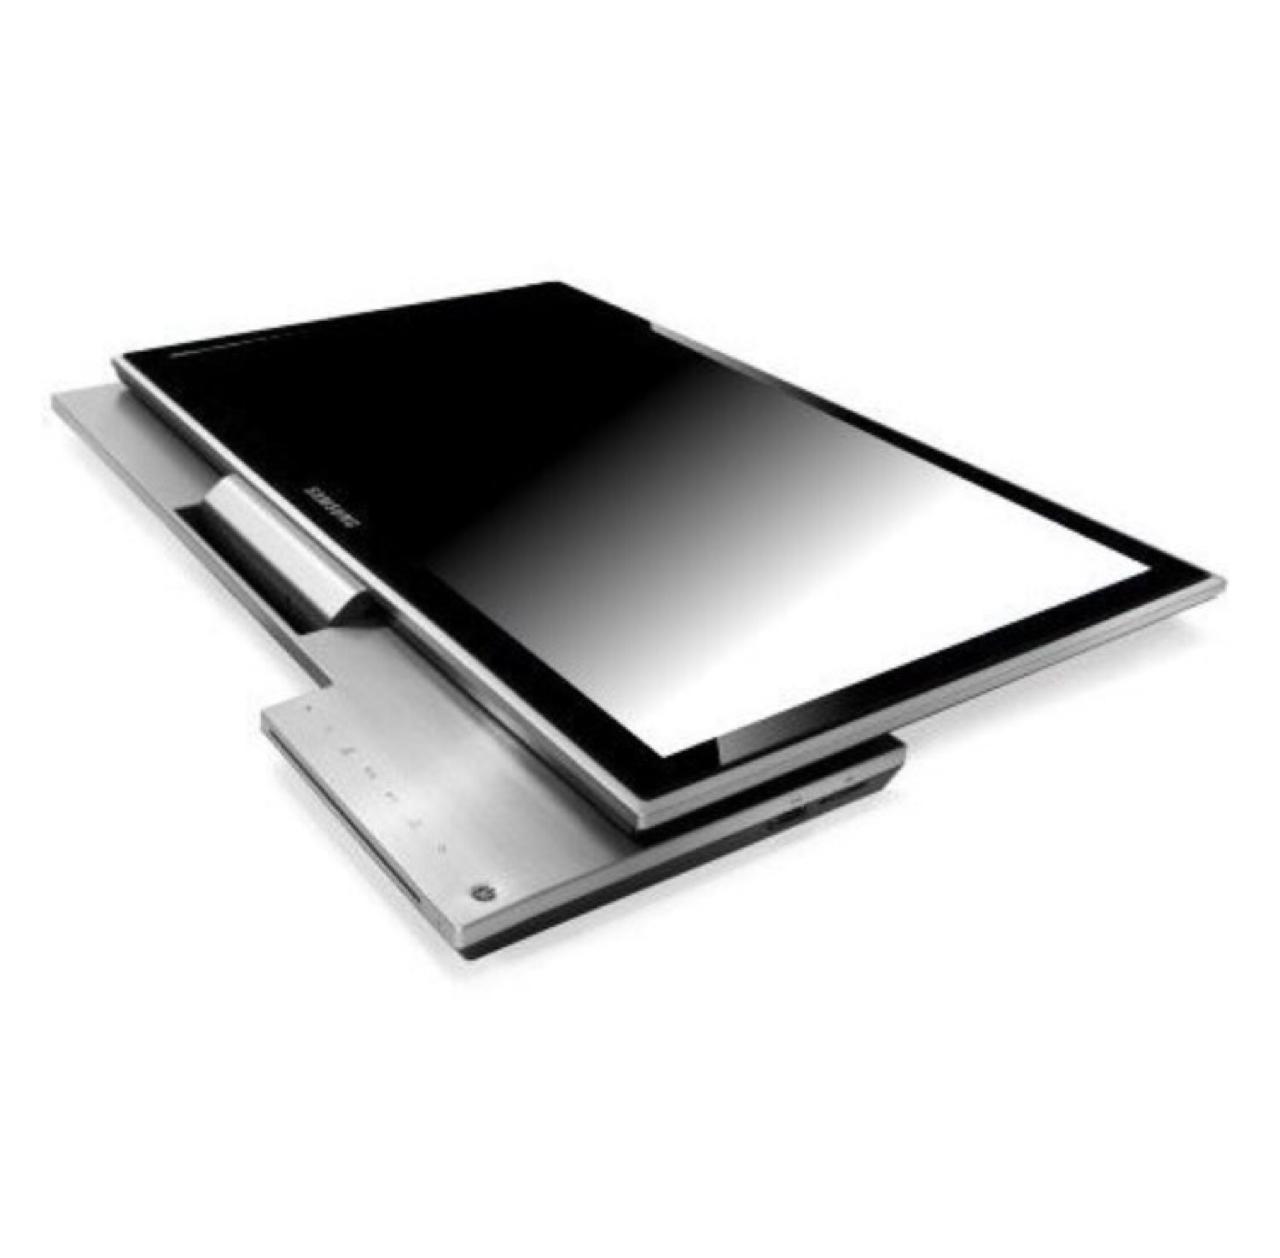 사무용컴퓨터 👍일체형컴퓨터 삼성일체형컴퓨터 모니터가격에 PC팔아요